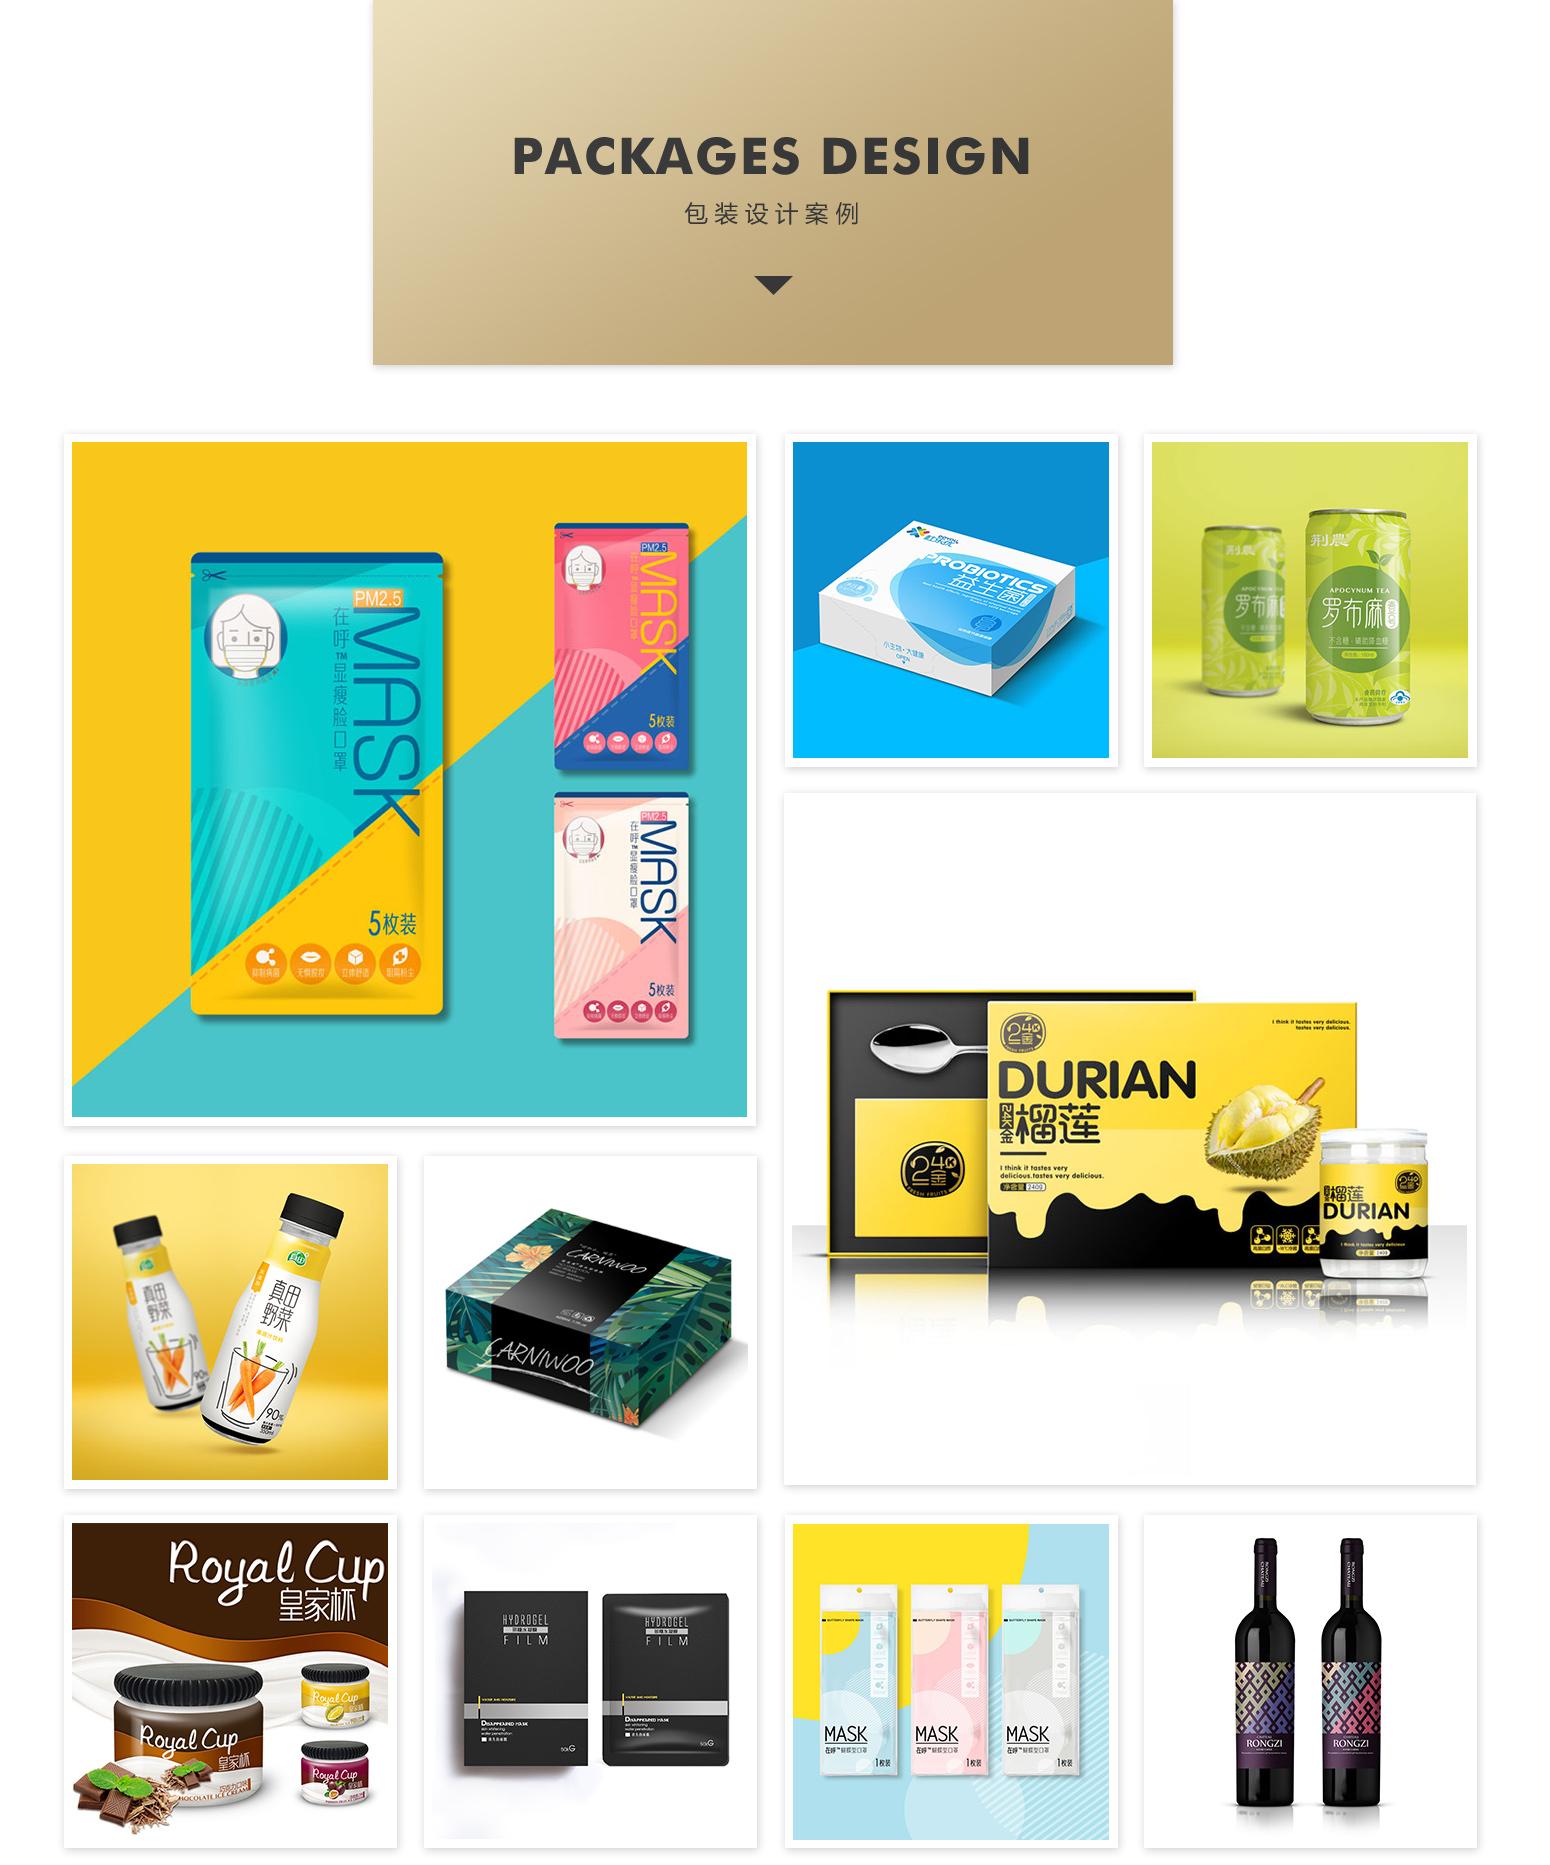 包装设计_【十界包装设计】食品包装/茶叶/化妆品/农产品/包装设计5